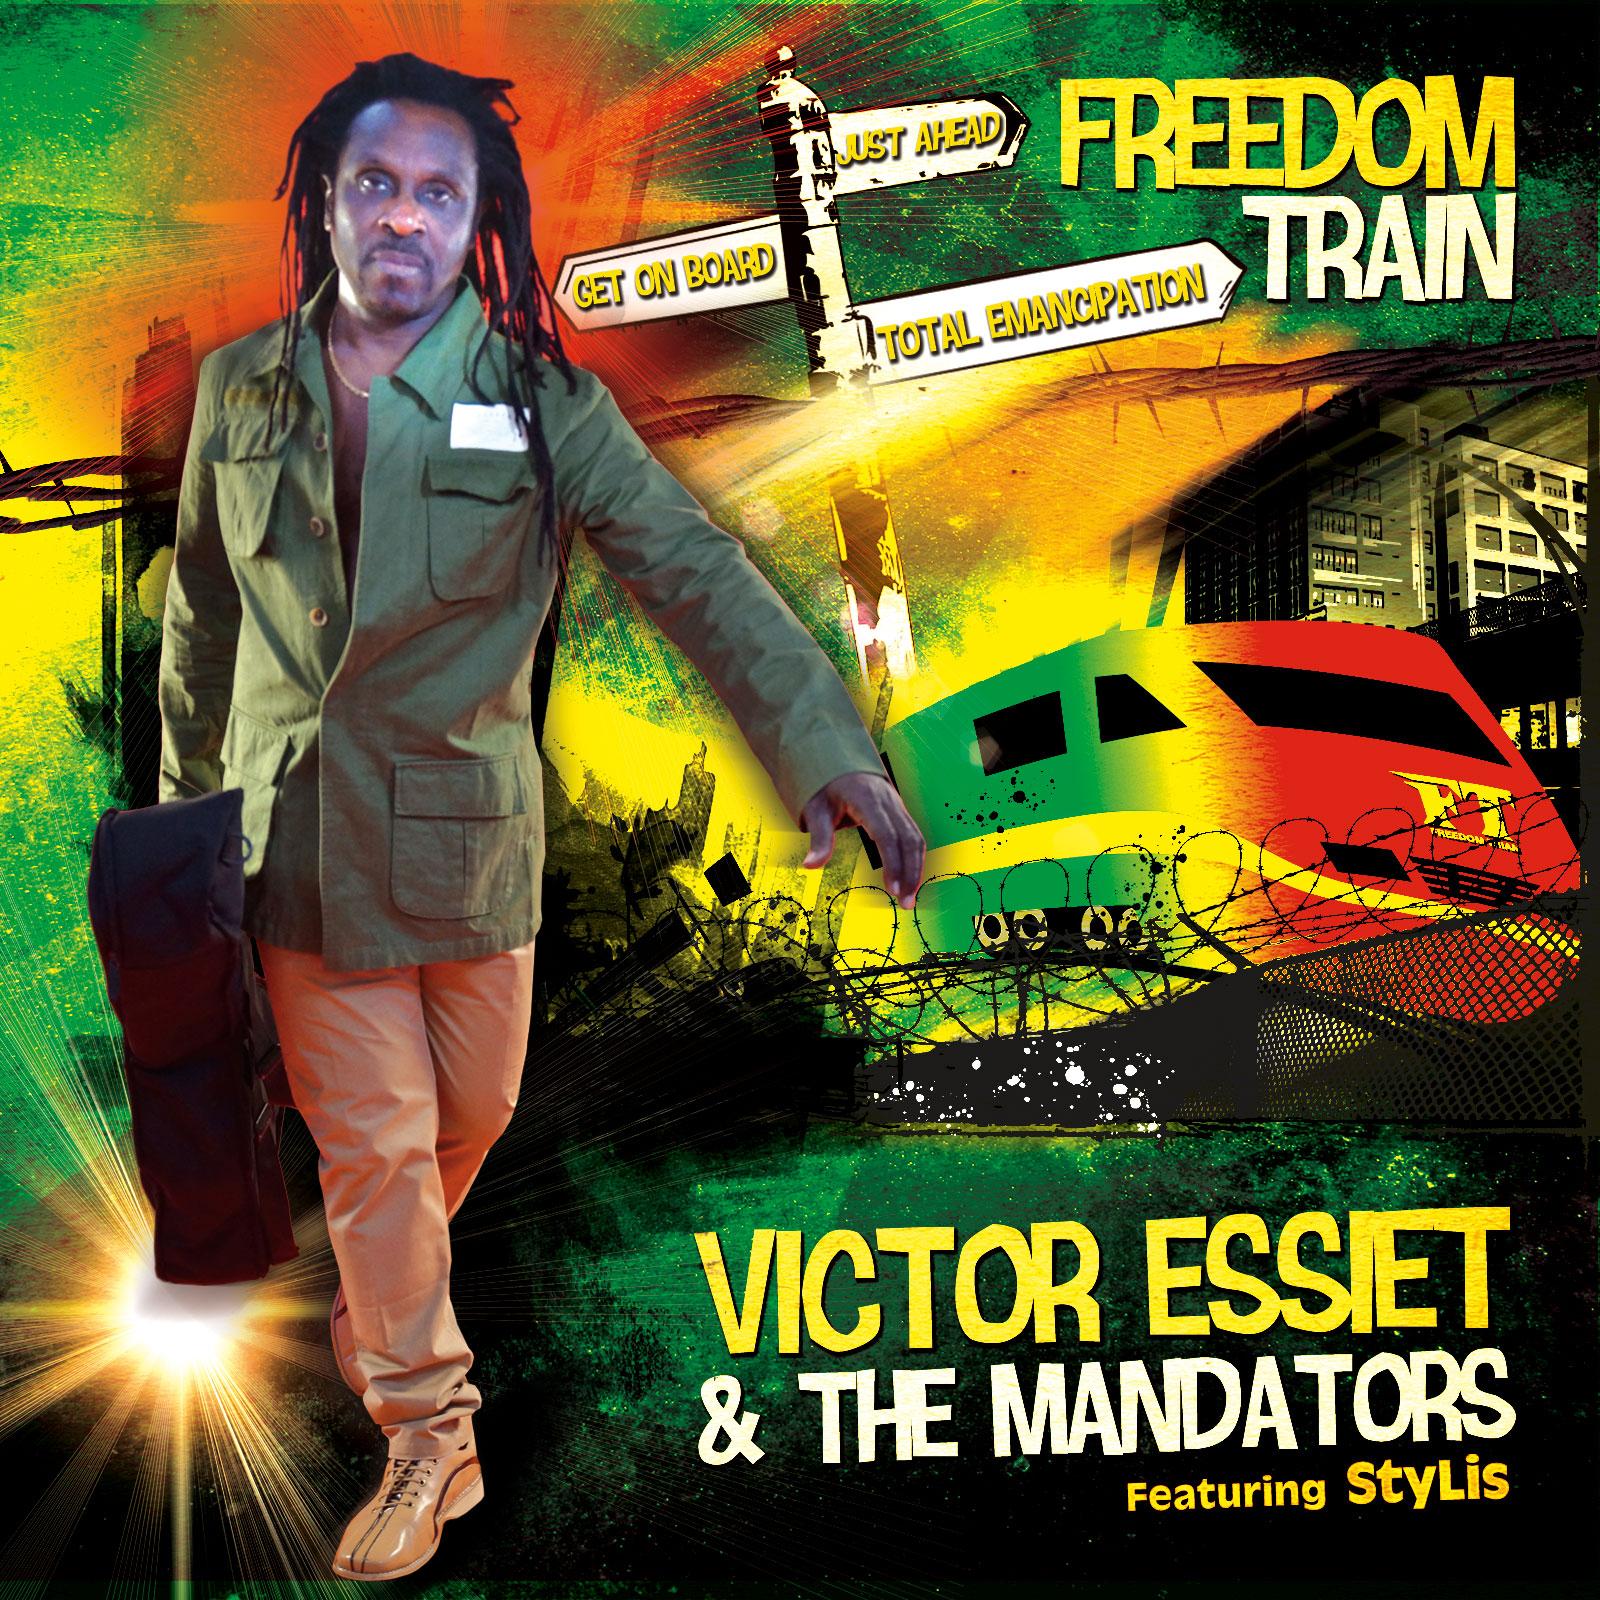 Freedom Album Art Freedom Train Album Cover Art